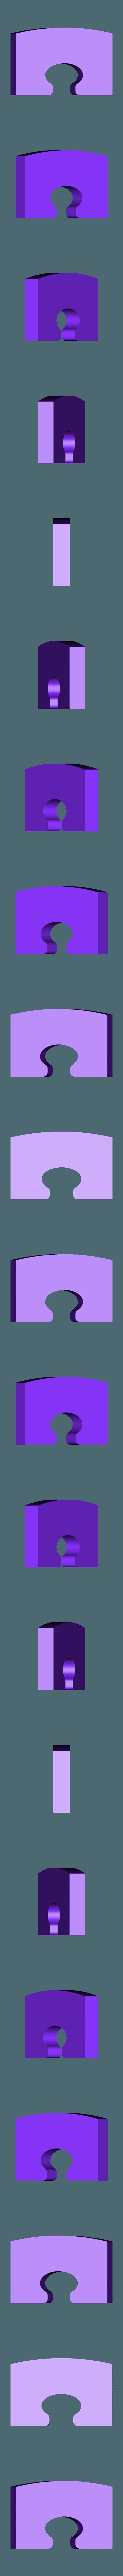 A4.stl Télécharger fichier STL gratuit Plaque de puzzle • Plan à imprimer en 3D, quangdo1700